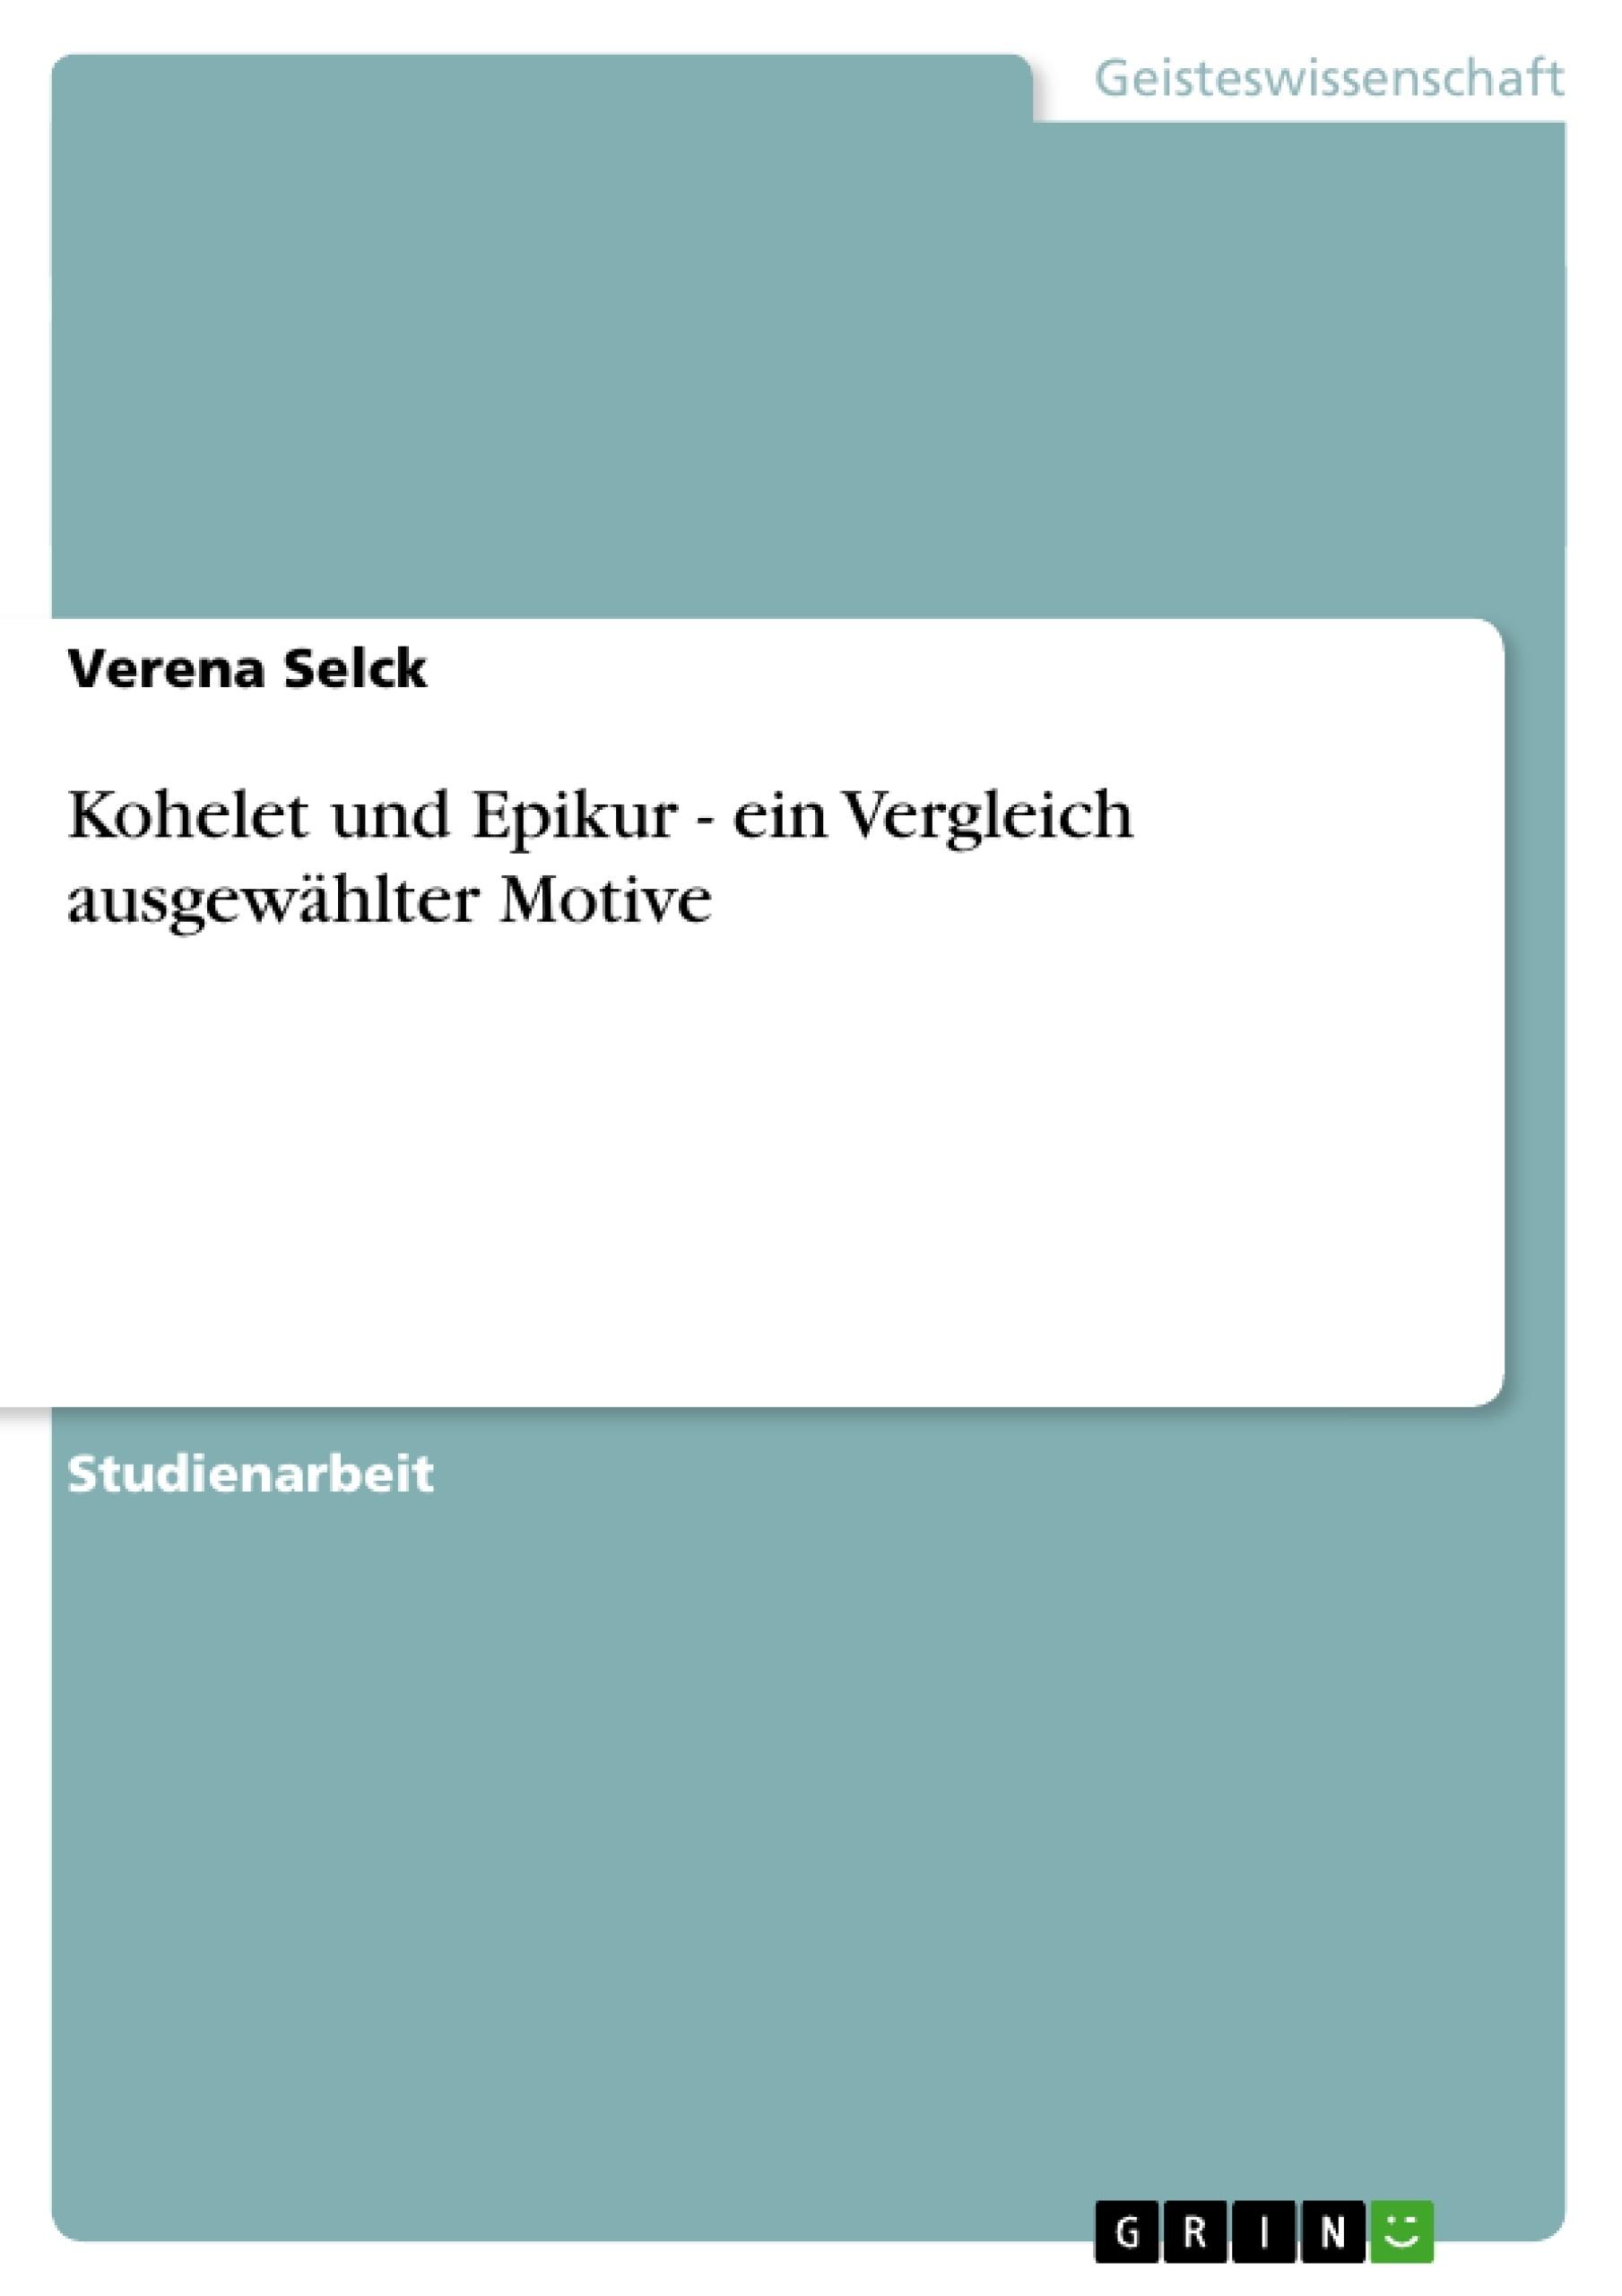 Titel: Kohelet und Epikur - ein Vergleich ausgewählter Motive